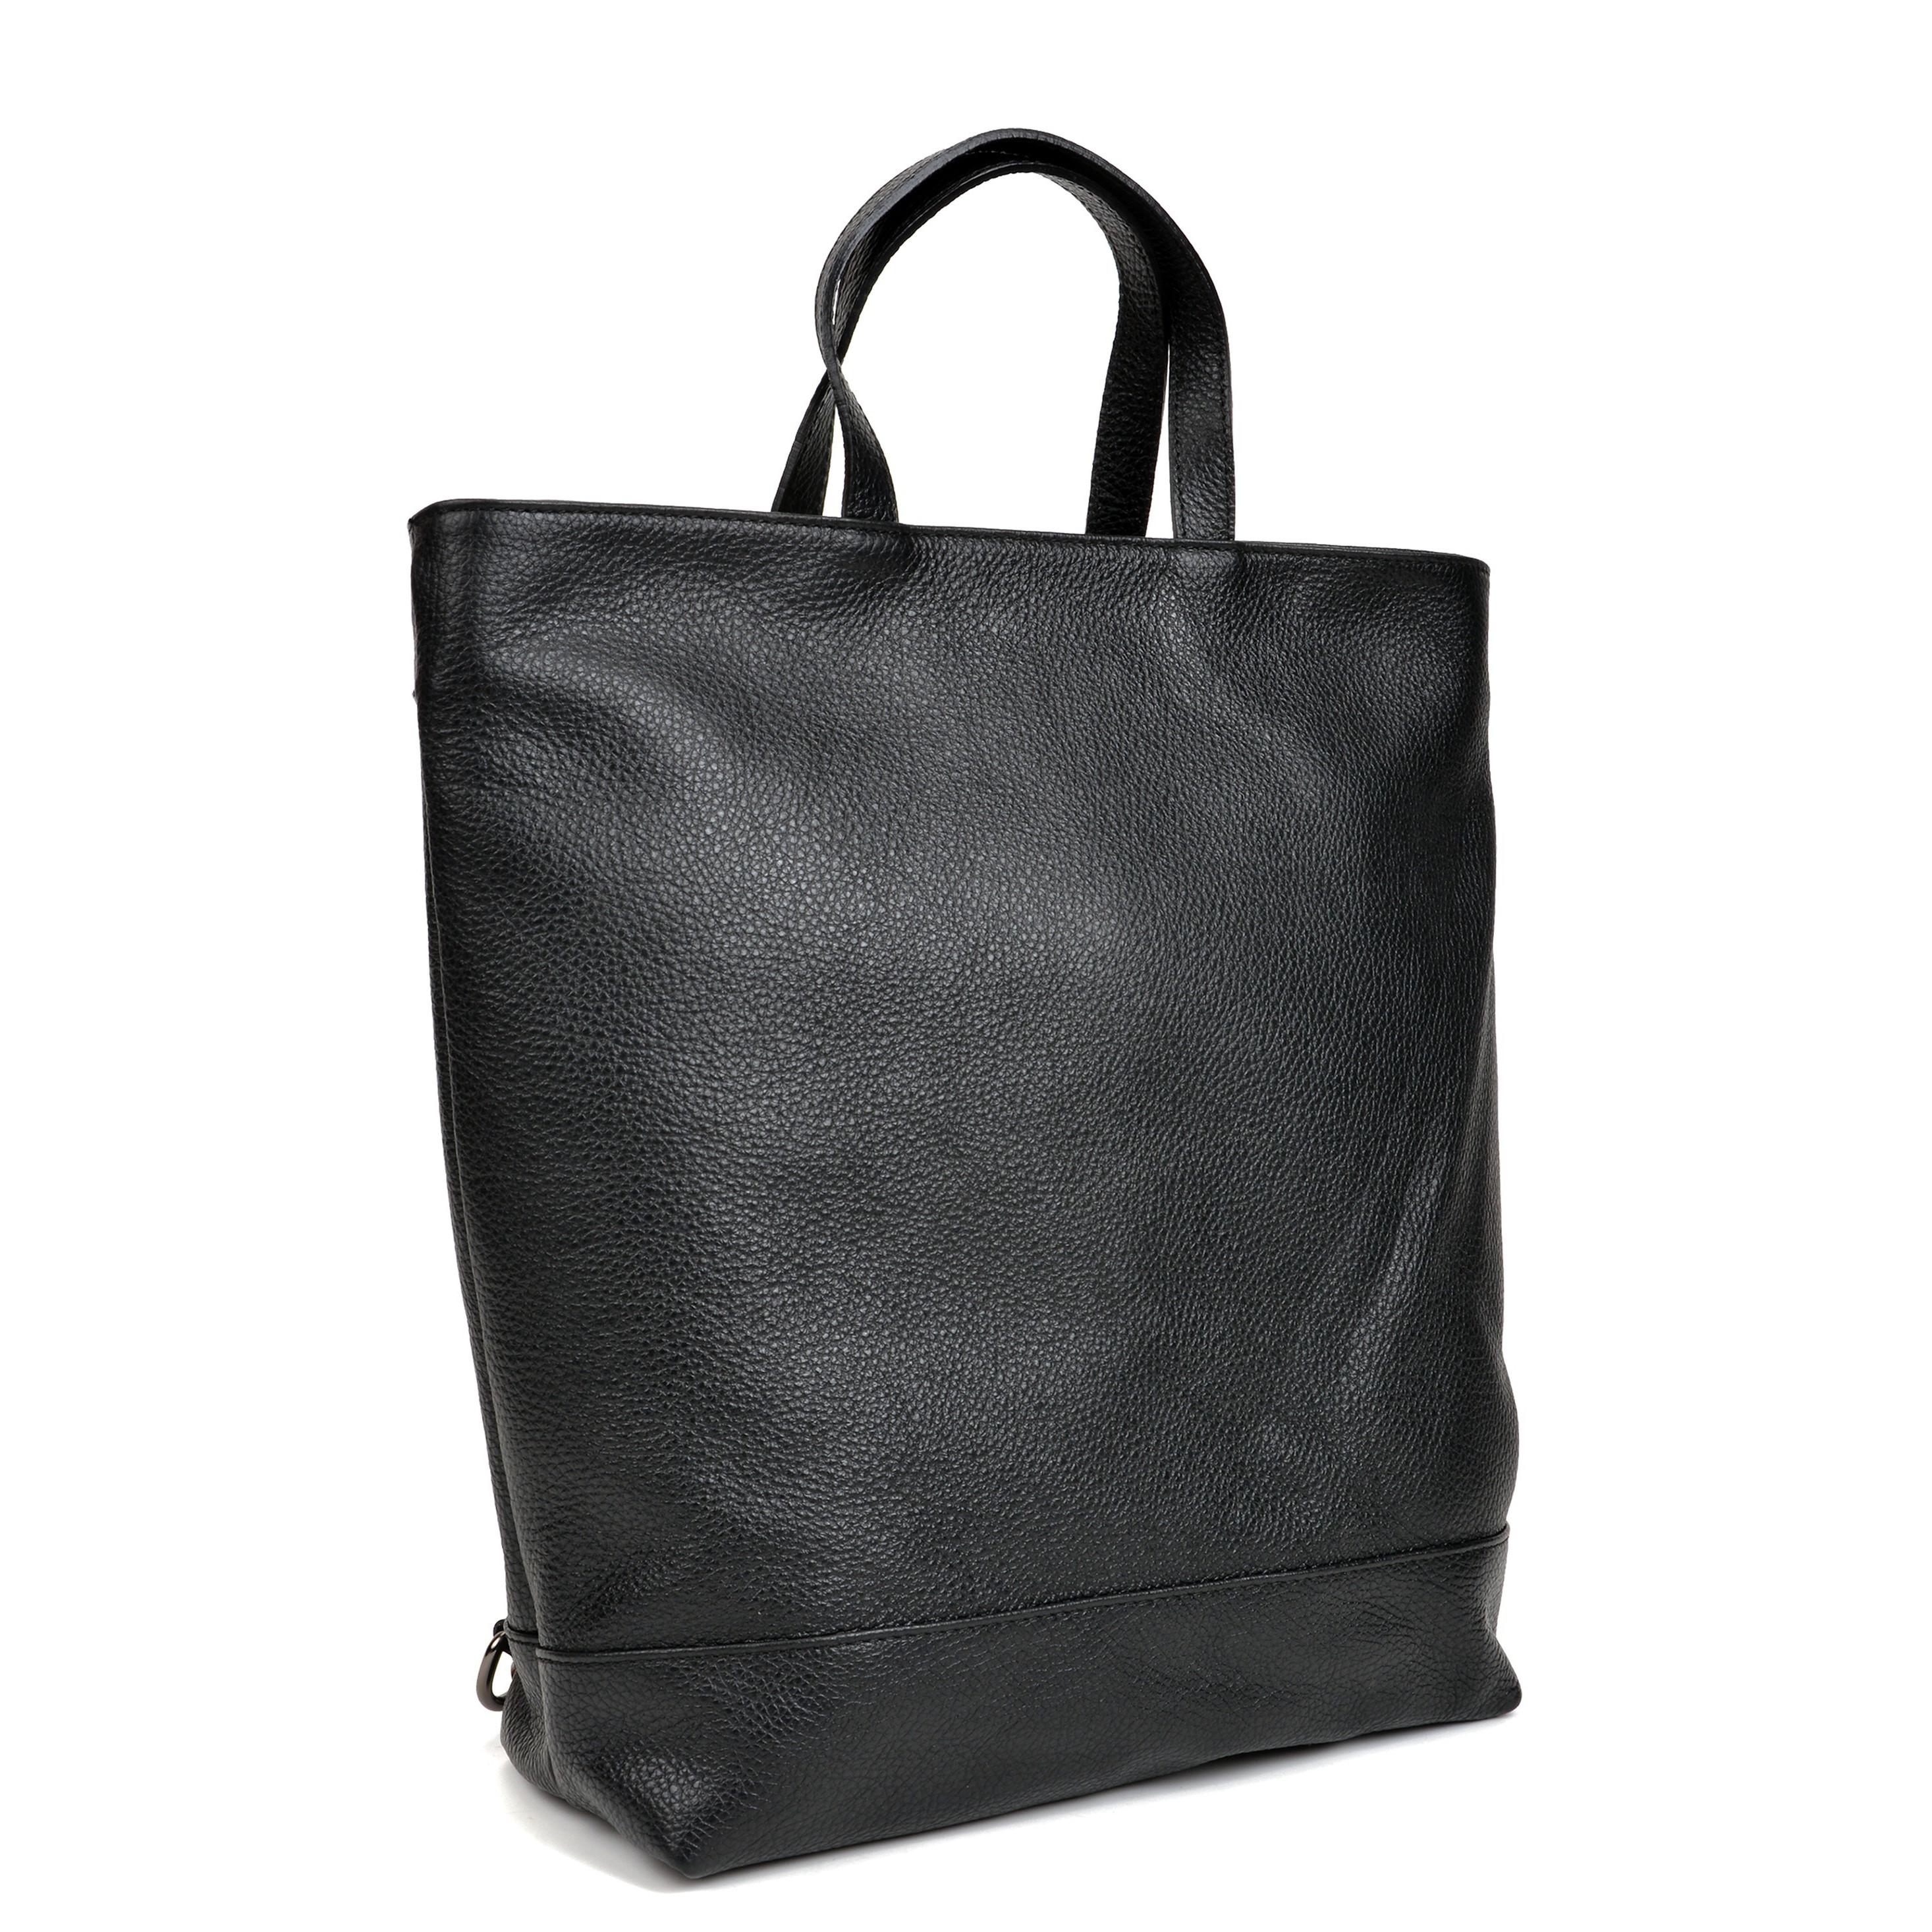 Handtasche Isabella Rhea | Schwarz